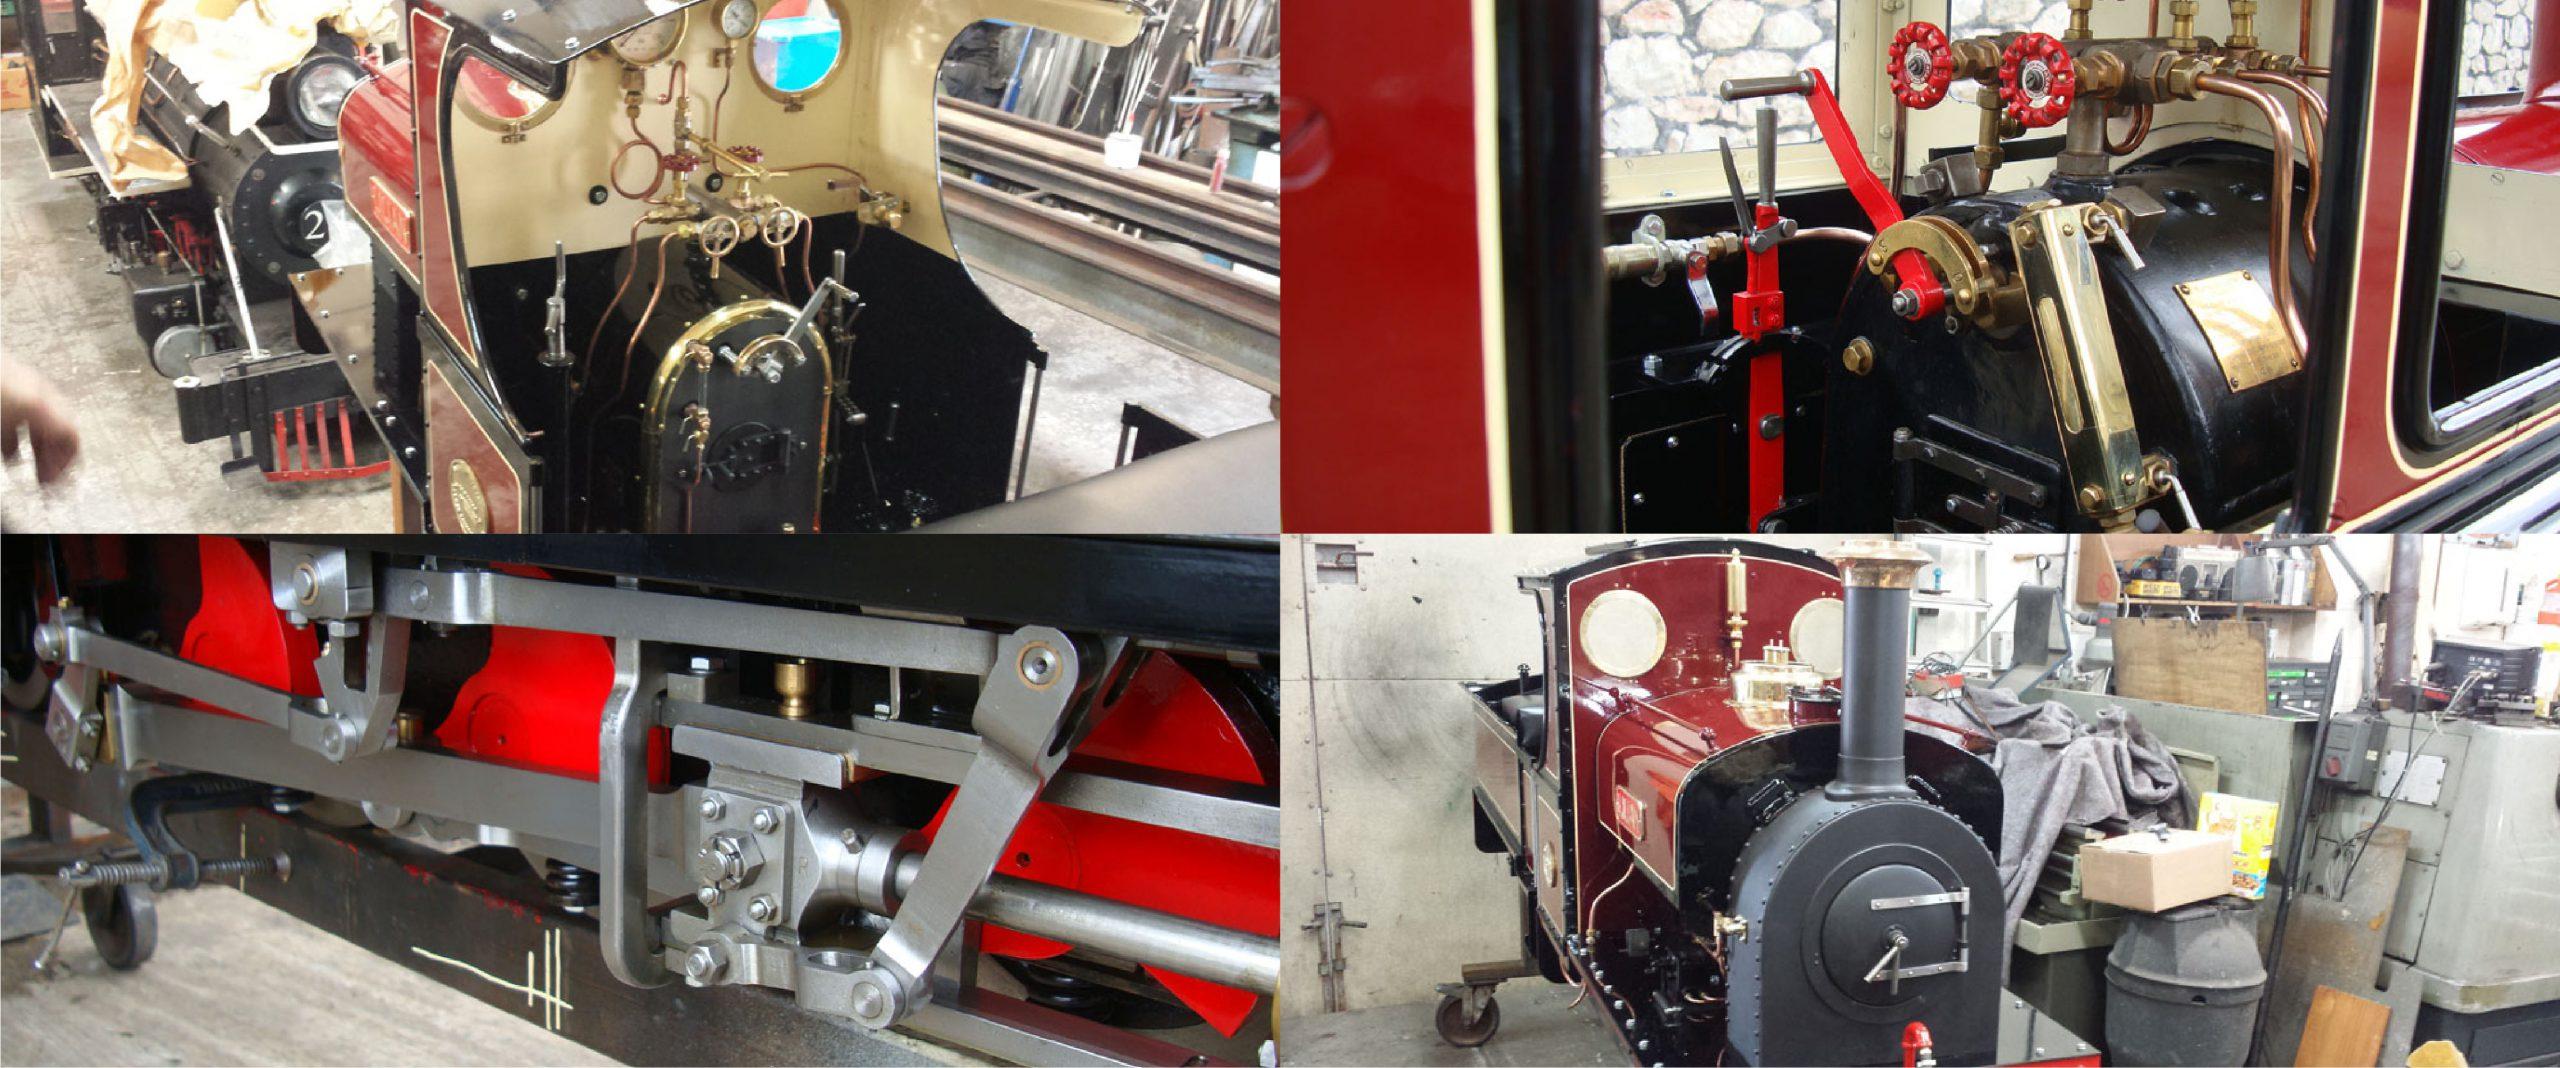 Joe Nementh Engineering - New Website Sliders-02